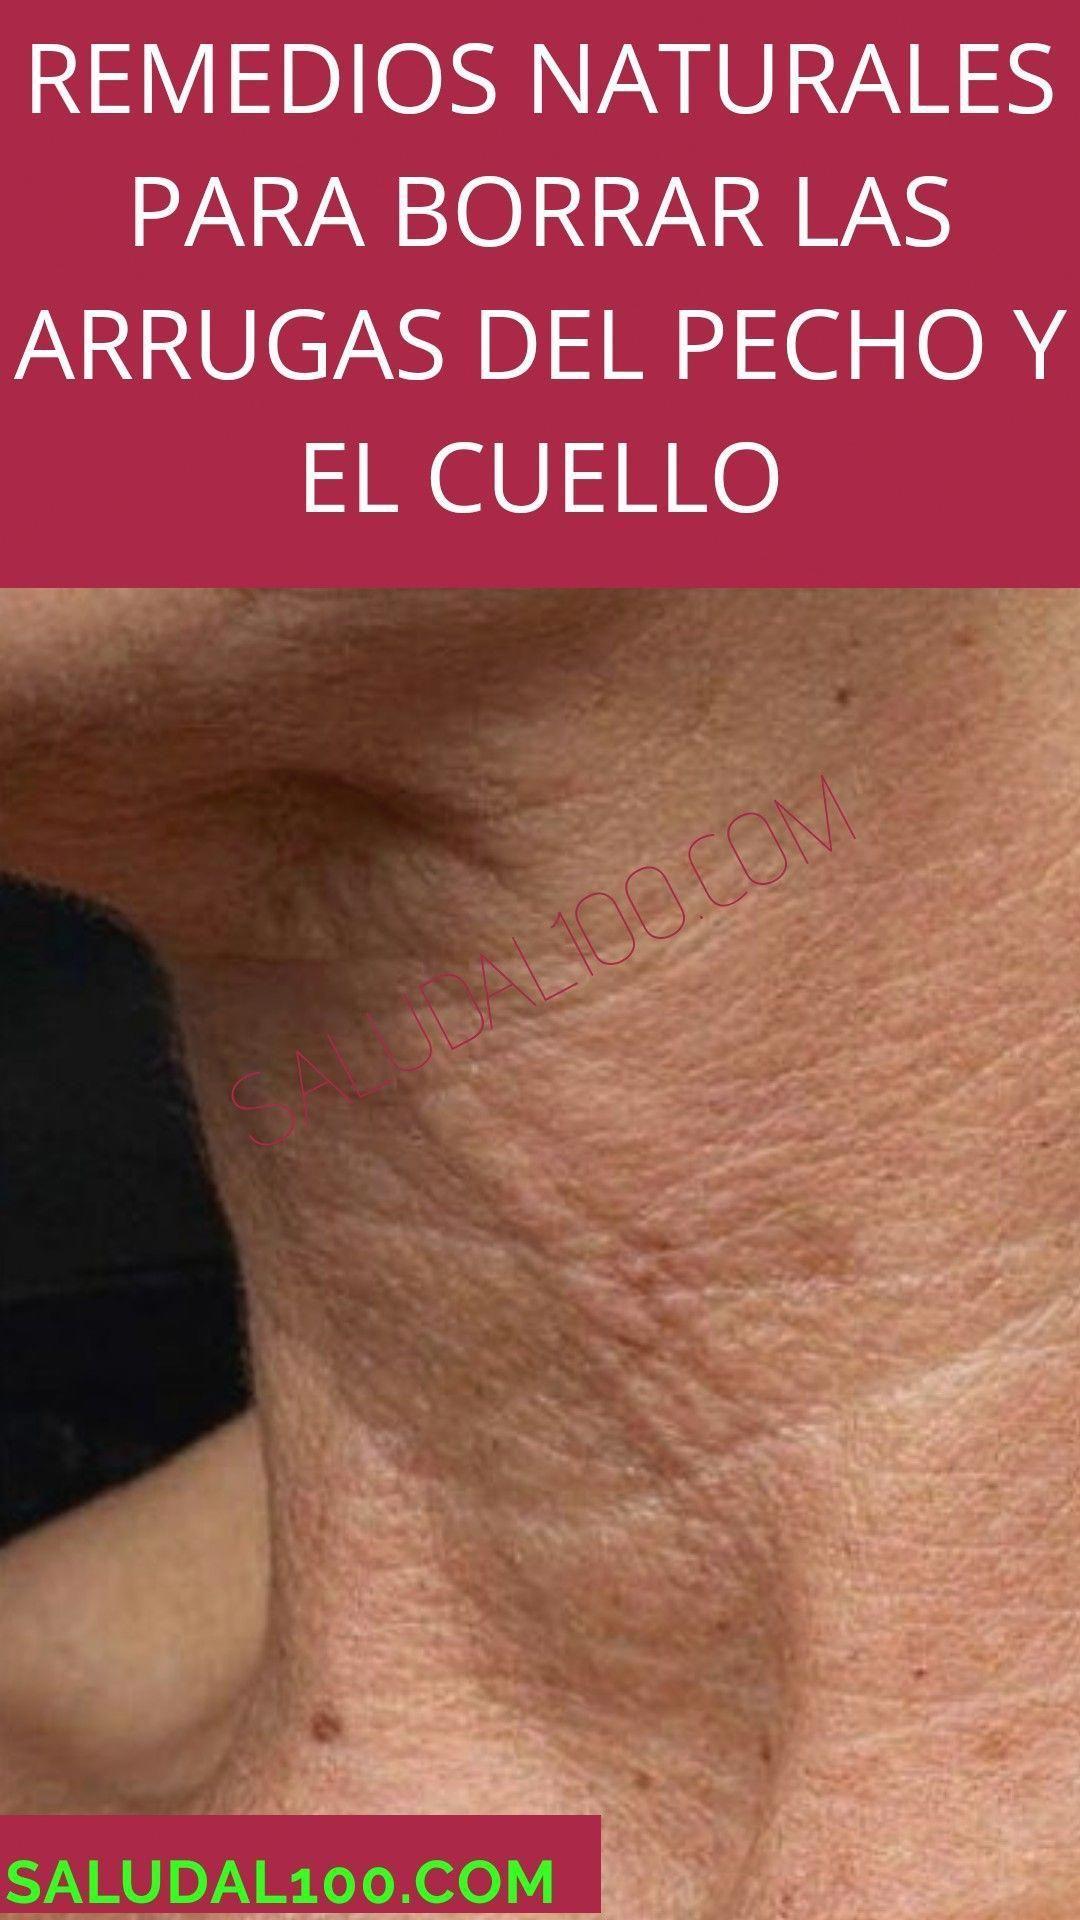 Los 16 Remedios Naturales Que Te Ayudaran A Perder Peso Y Sentirte Es Pec Ta Cu Lar Remedioscaseroscara Remedios Naturales Recetas De Belleza Arrugas